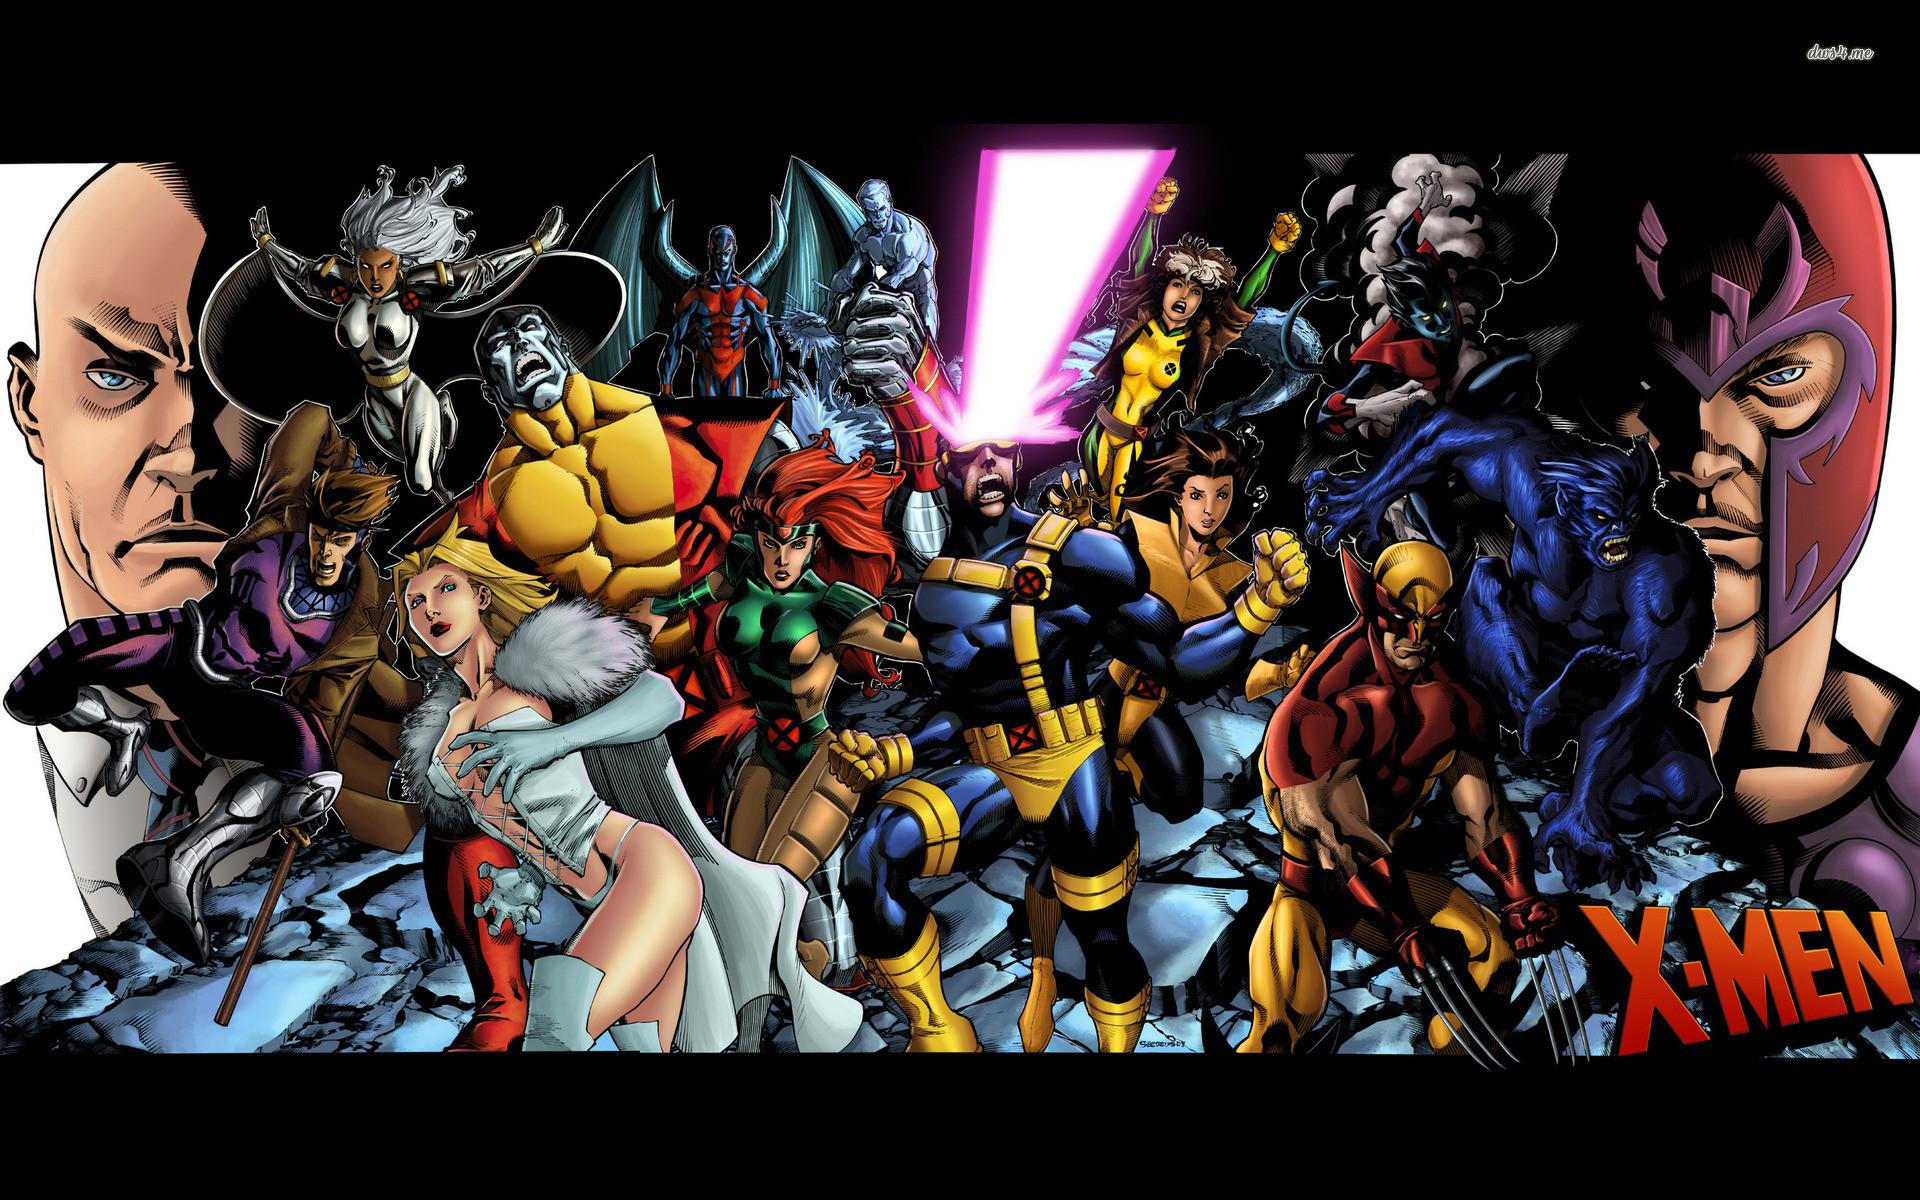 Storm X Men Wallpaper 63 Images